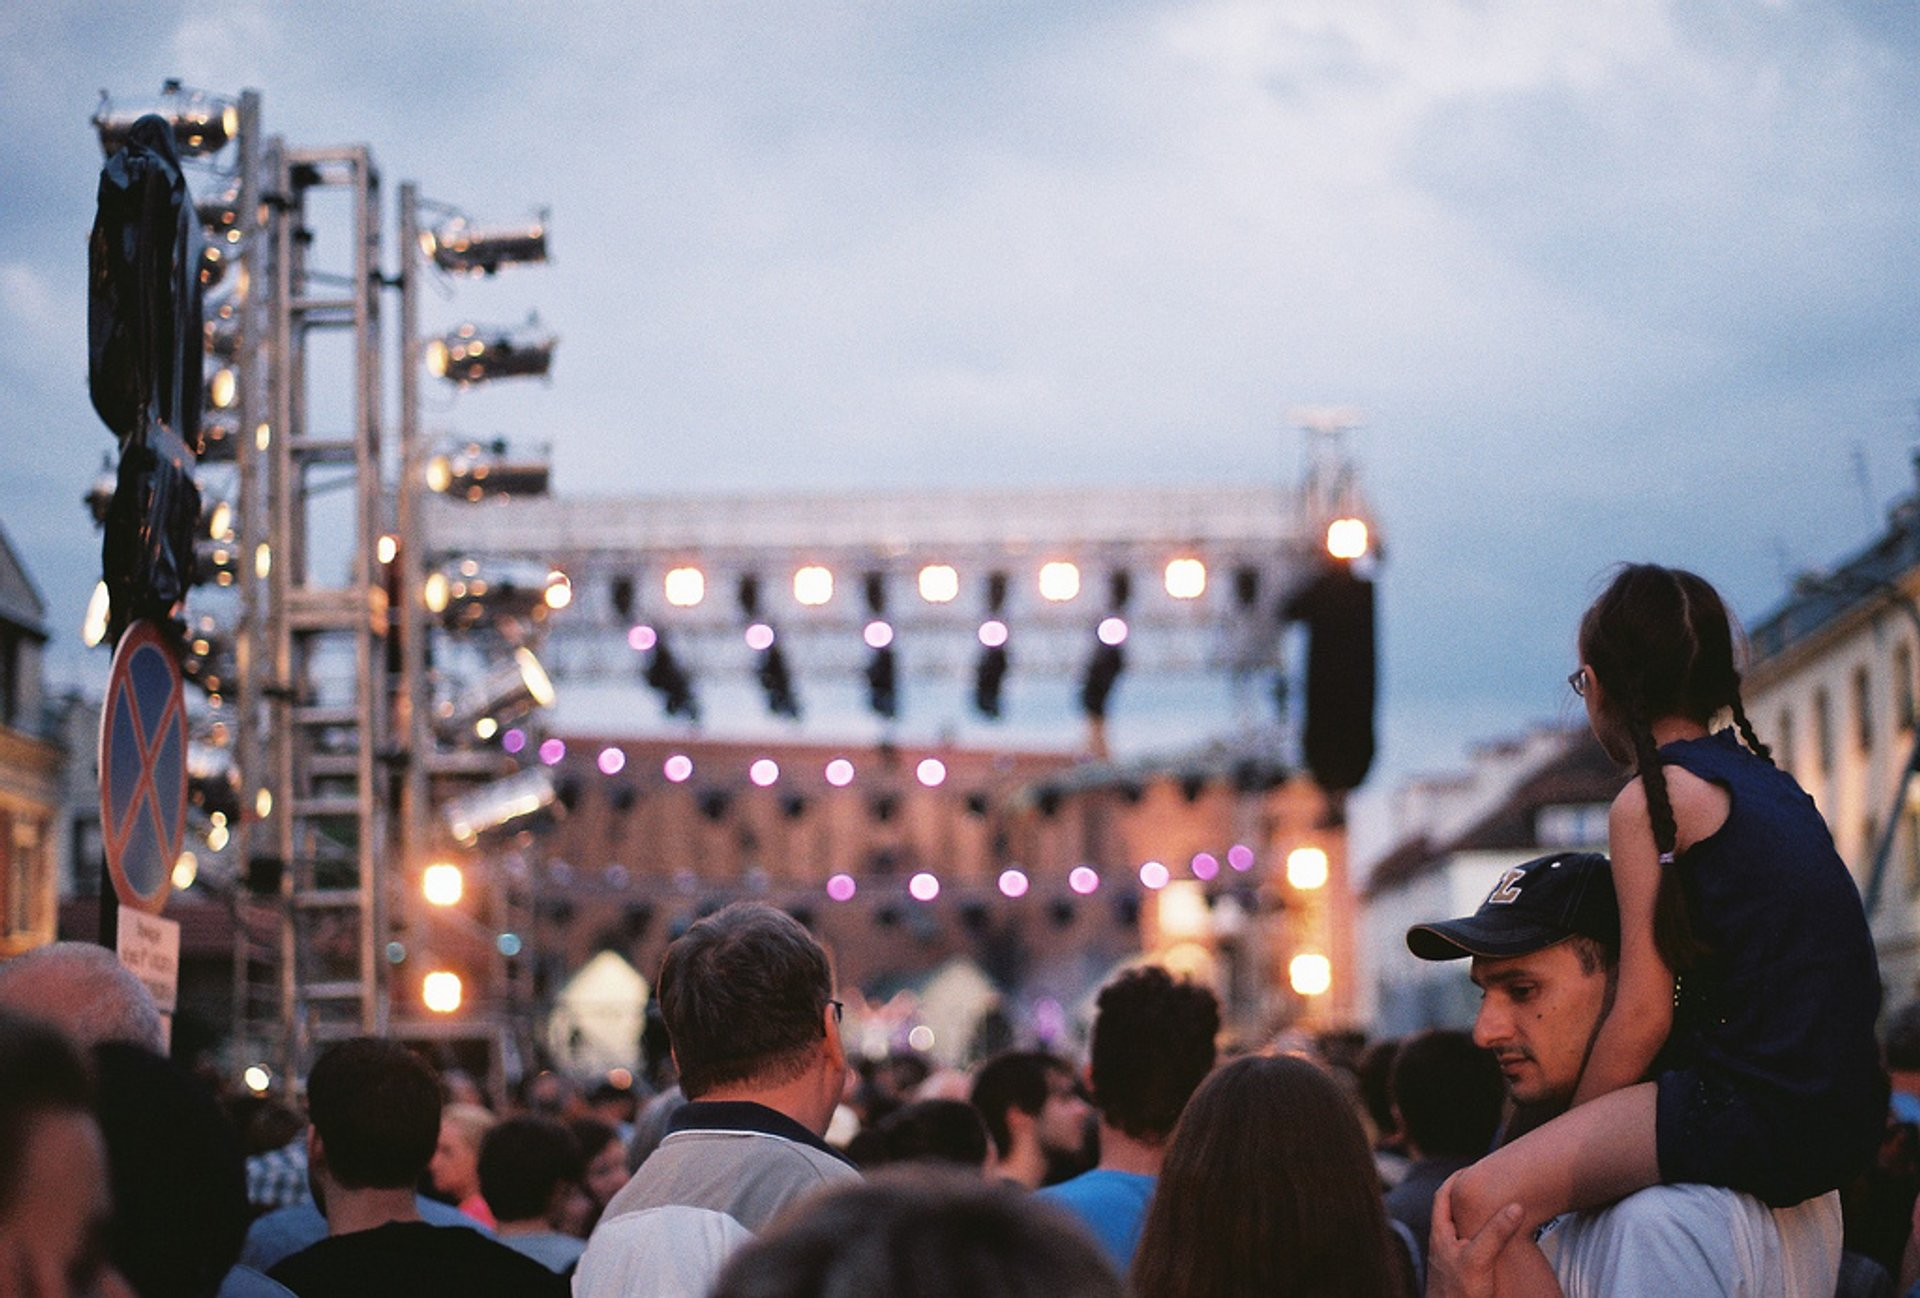 Krakow Film Festival in Krakow 2019 - Best Time